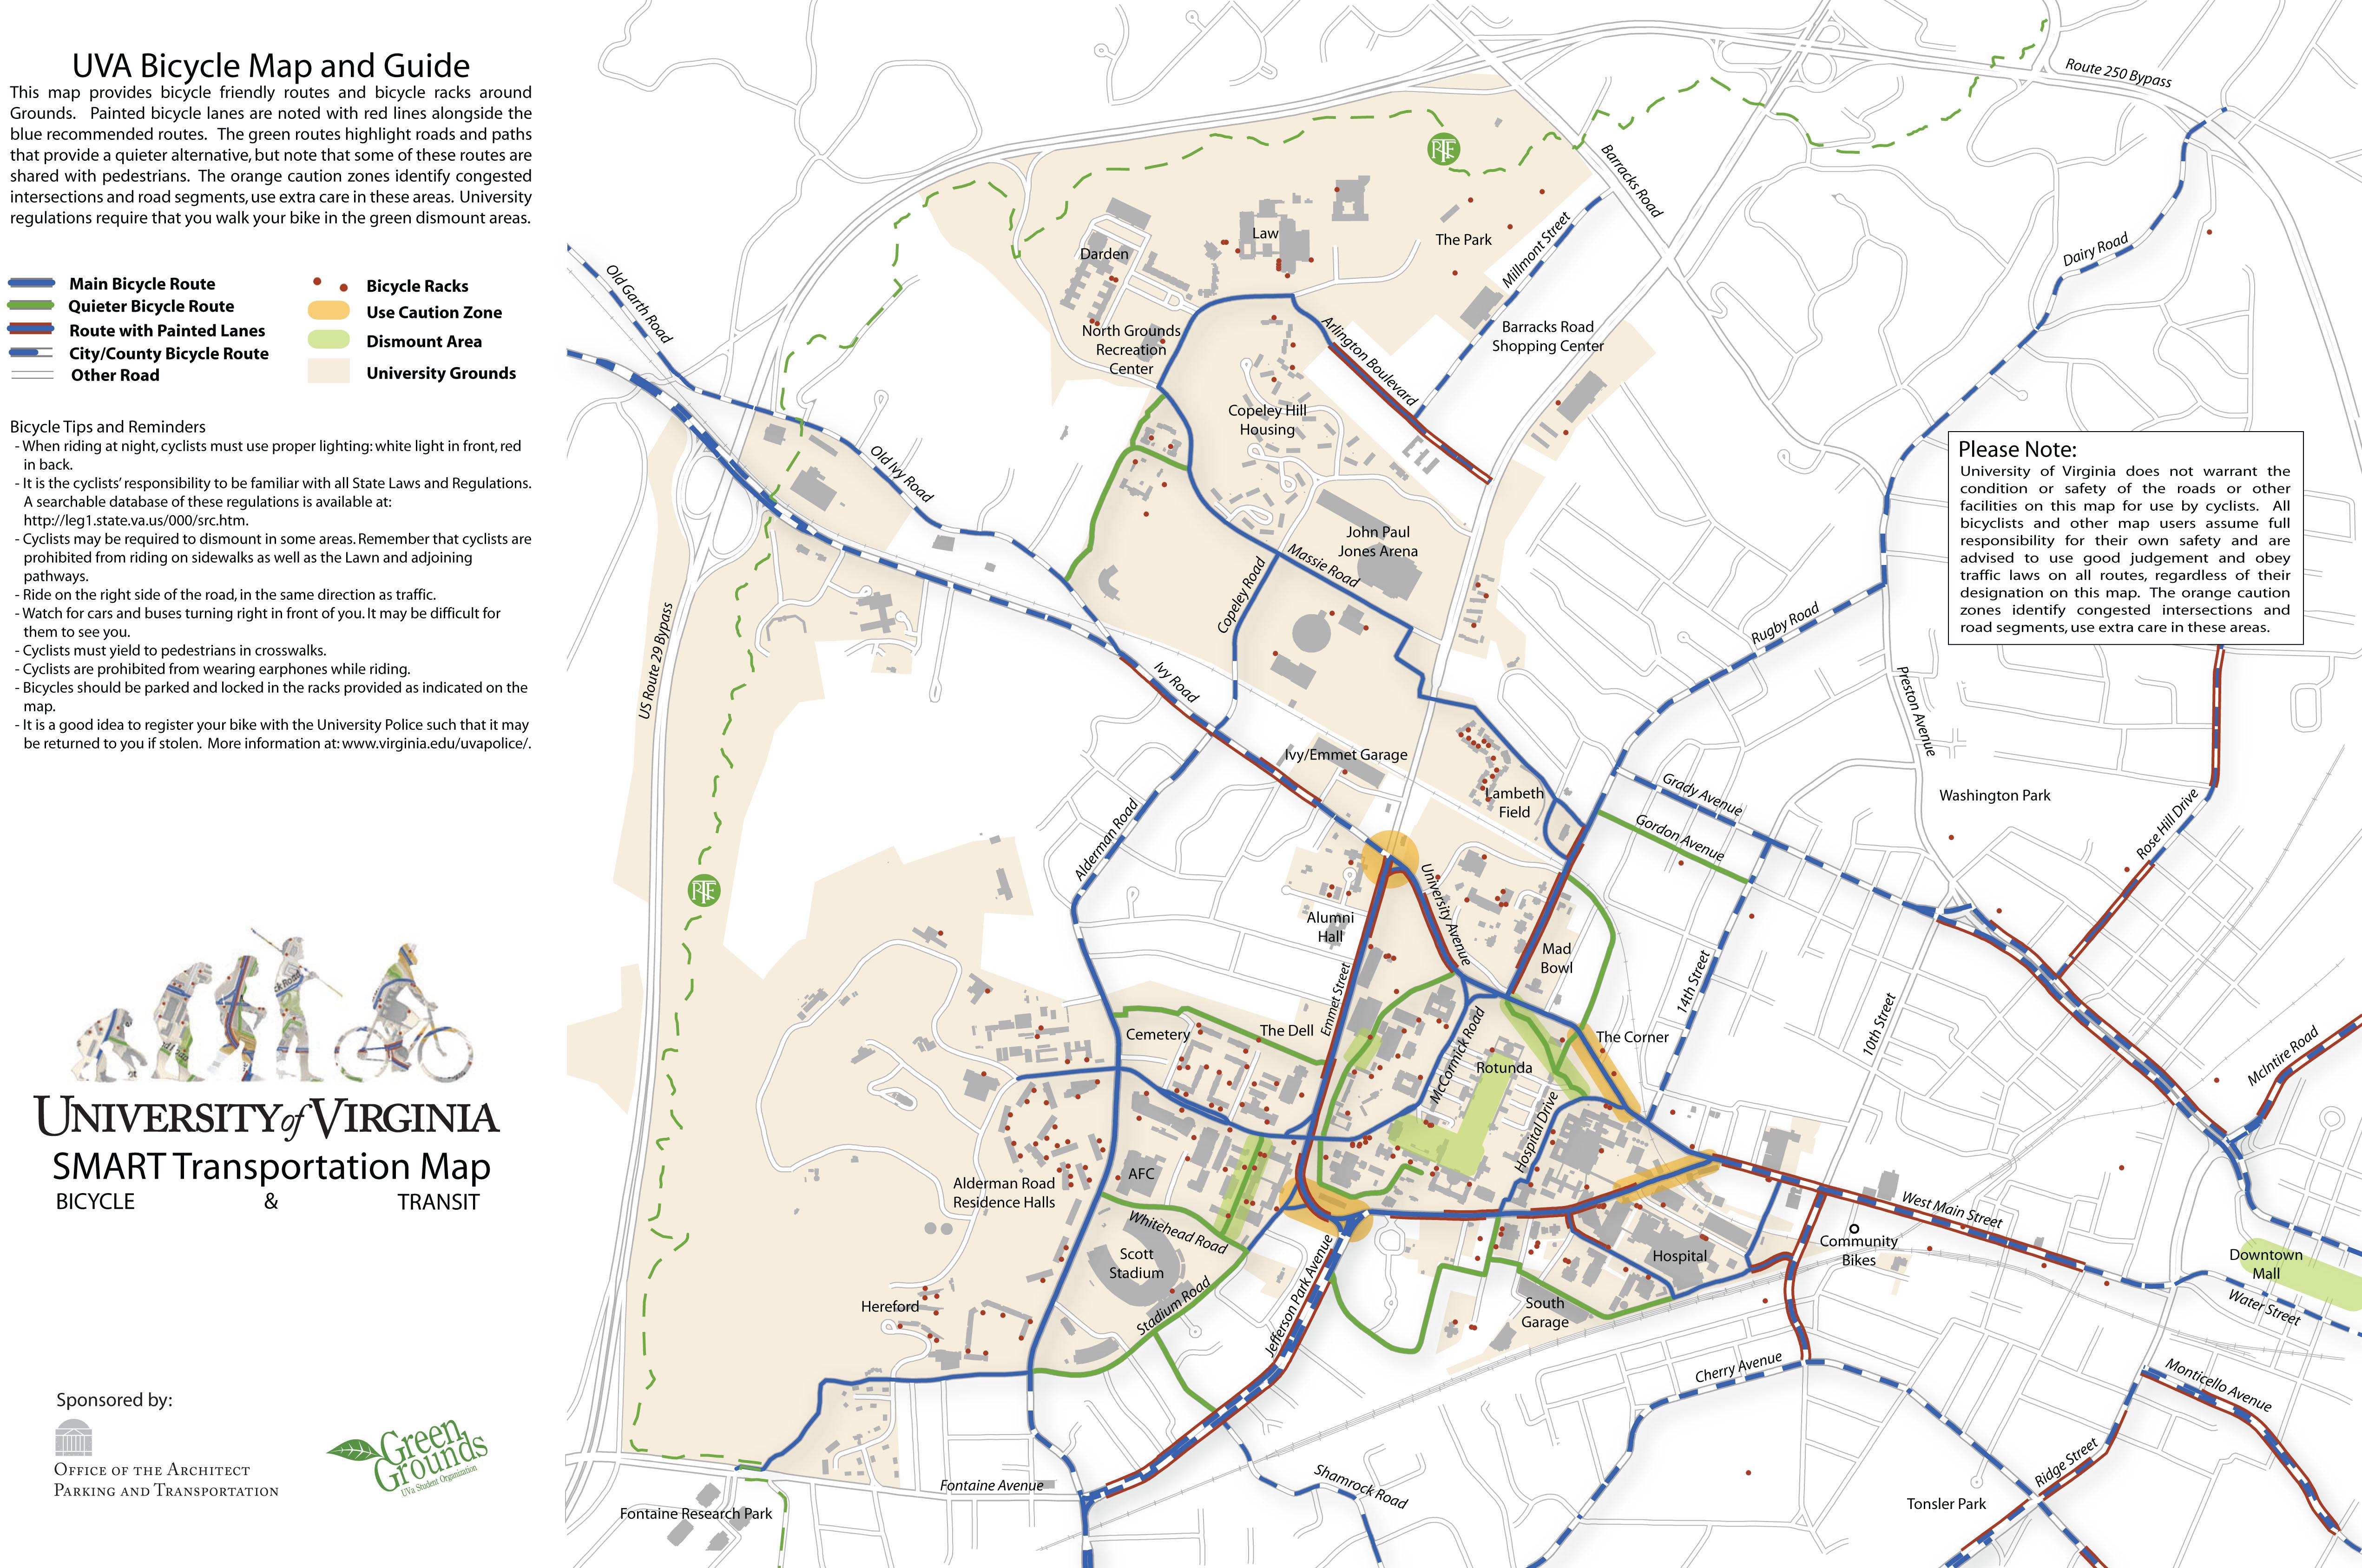 University Of Virginia SMART Transportation Map University Of - Virginia on a us map